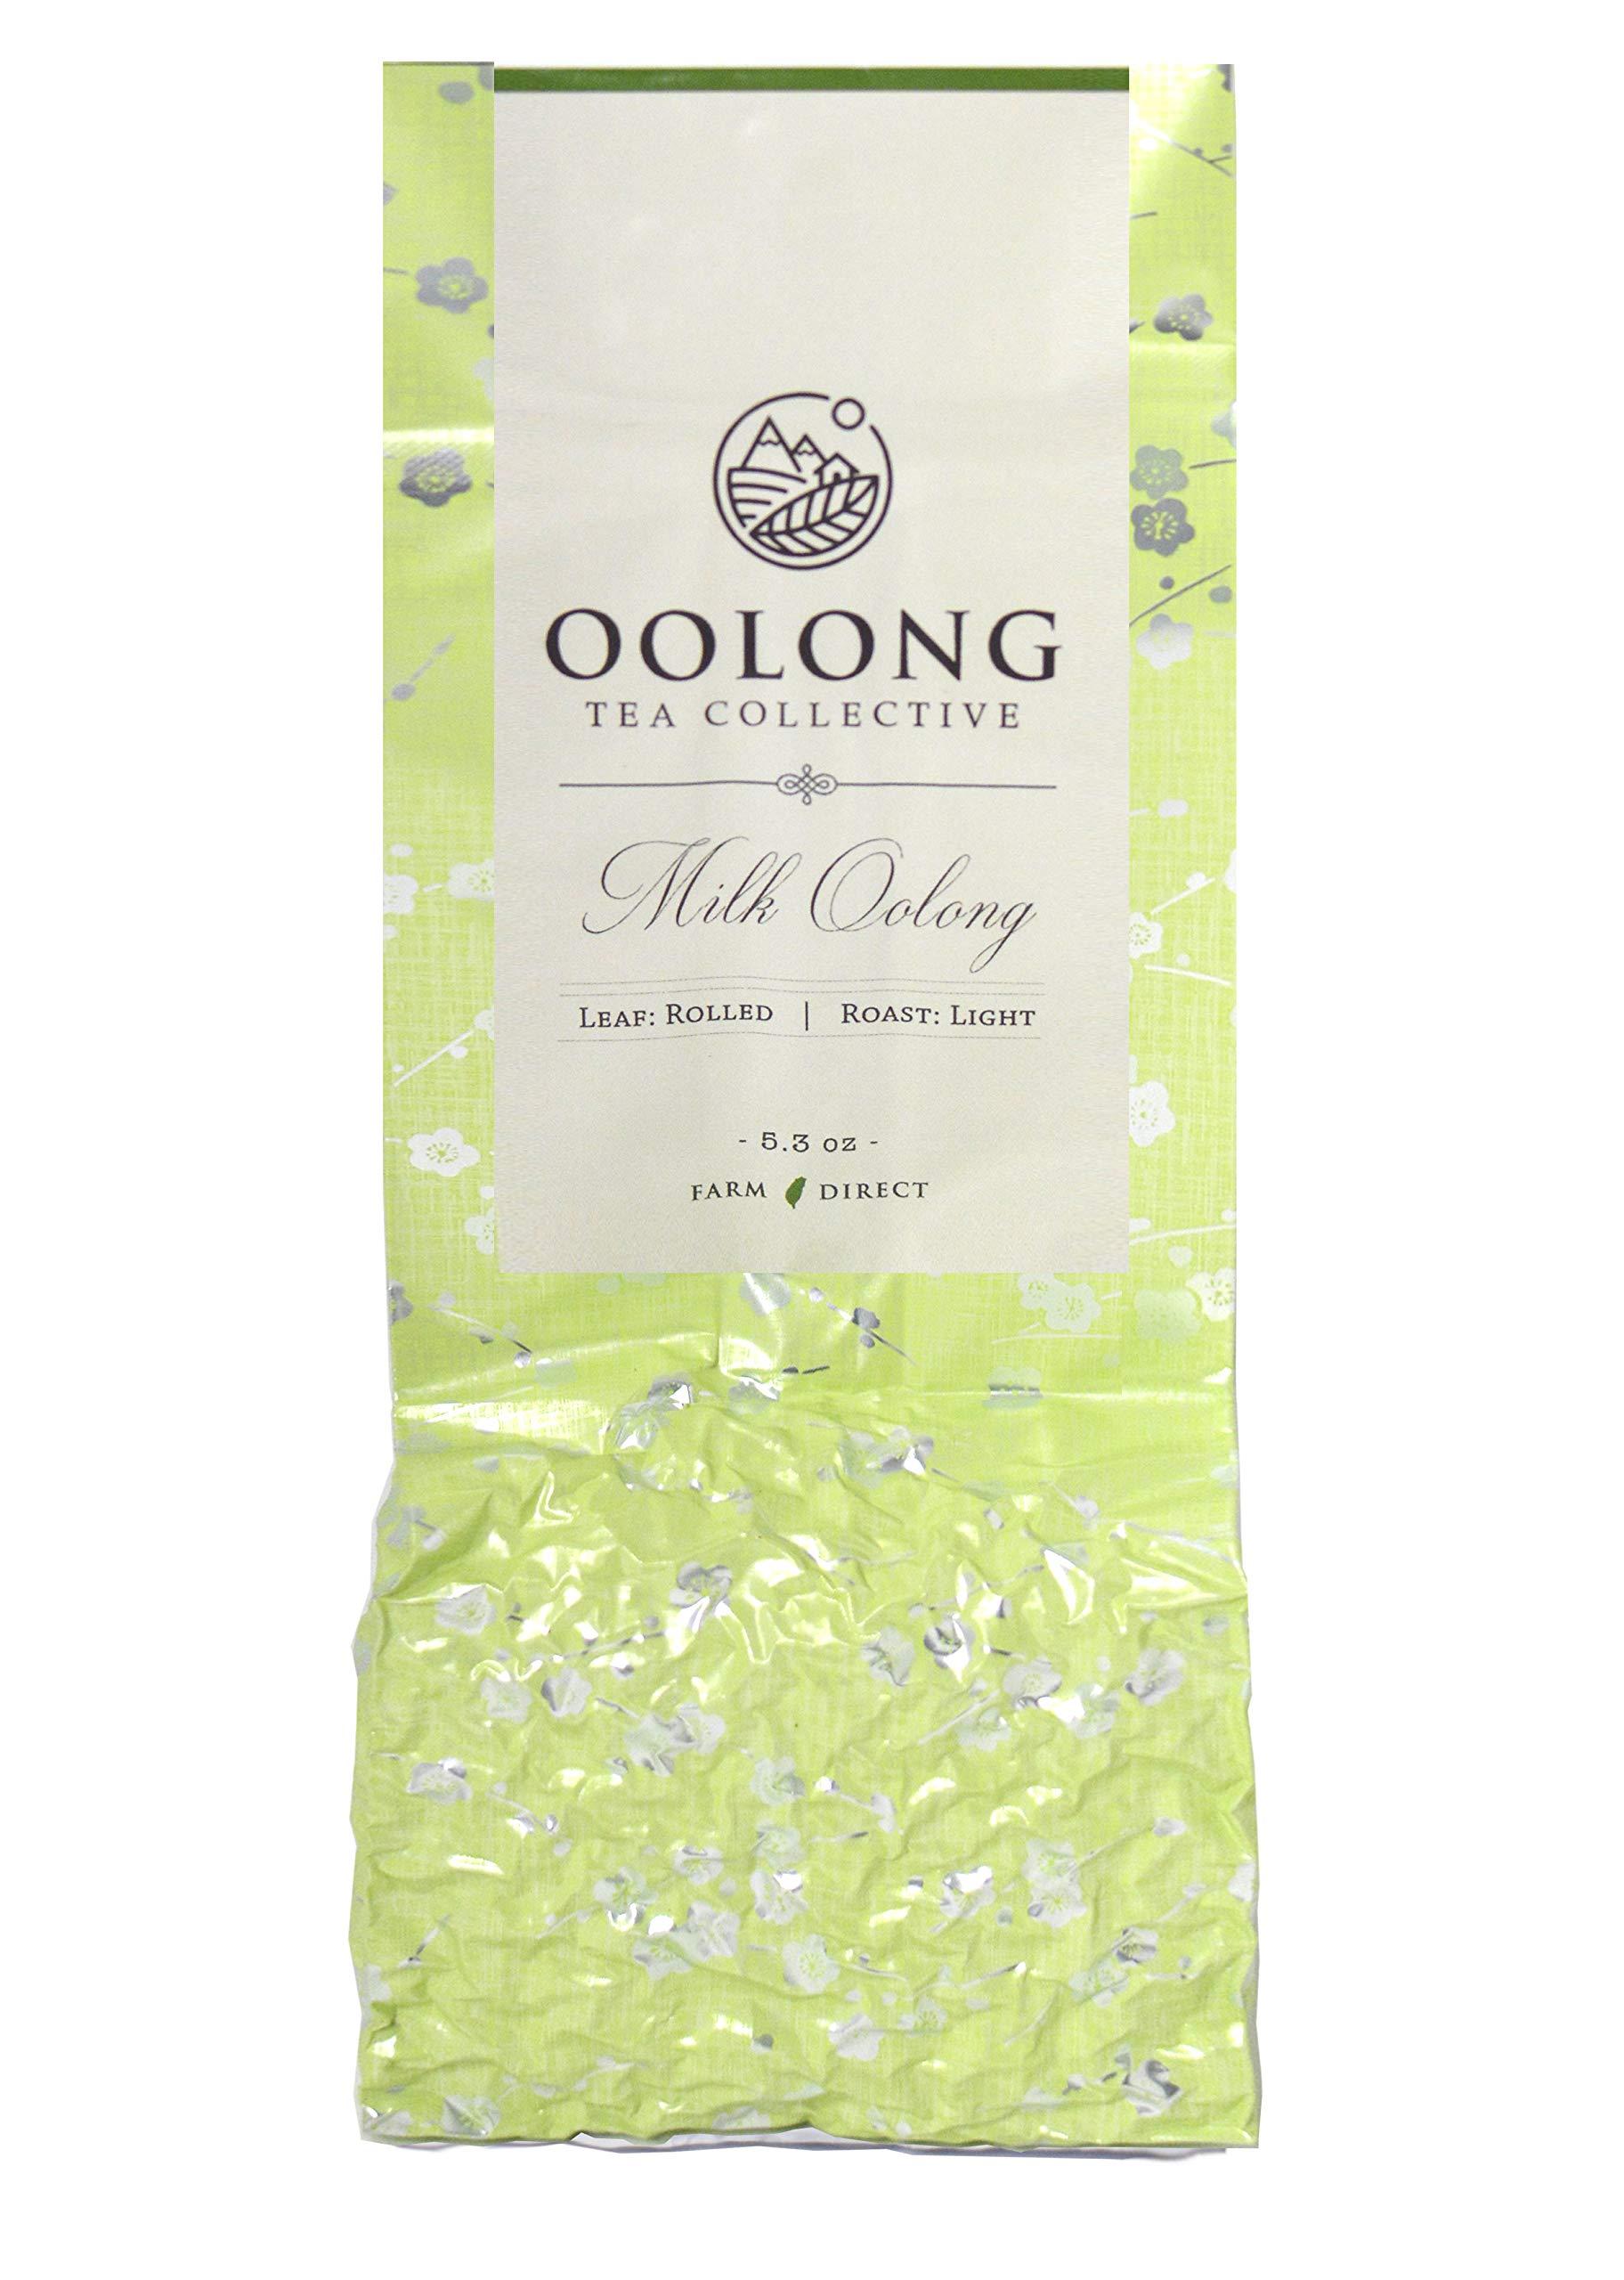 Milk Oolong Tea - 2019 Fresh Harvest - Handpicked - Natural Loose Leaf Tea - No Additives - 100% Taiwan Farm Direct by Oolong Tea Collective (5.3oz)       by Oolong Tea Collective